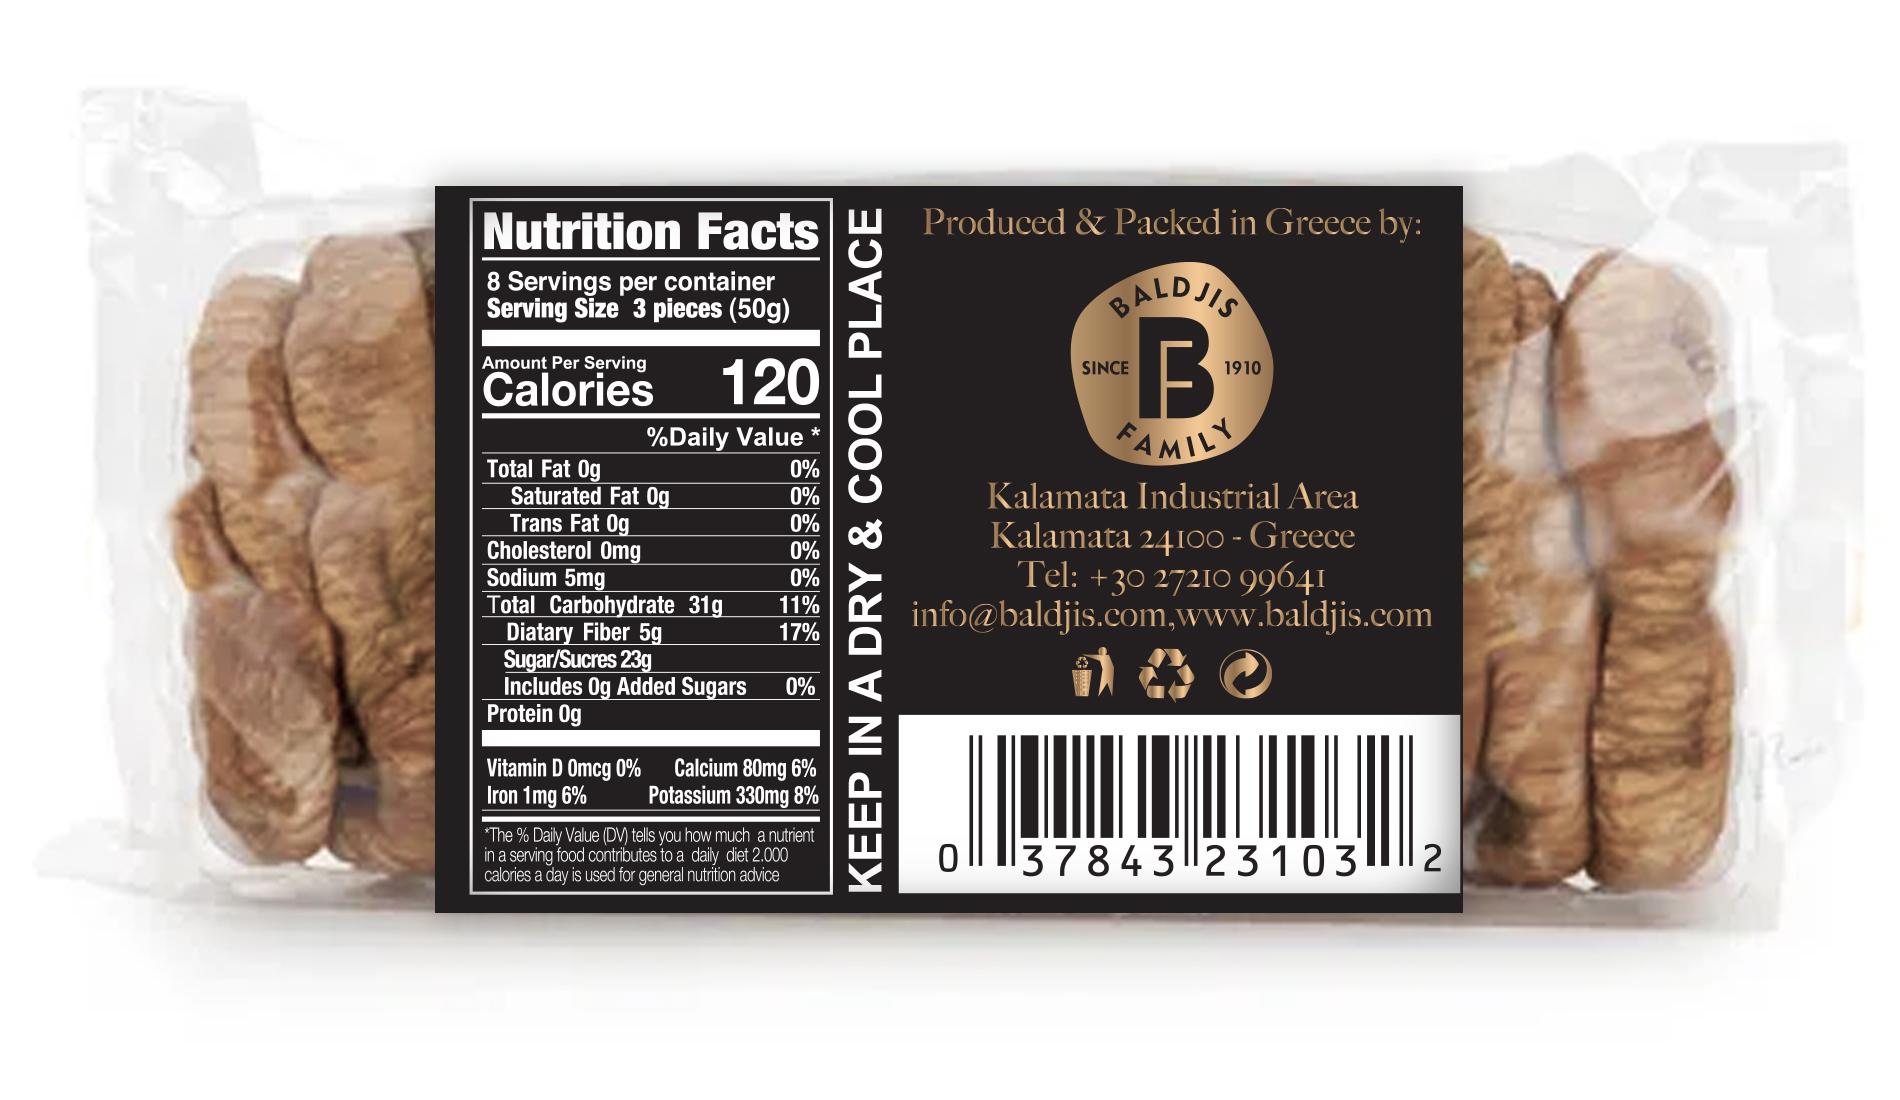 Φιορετζης Δημητρης γραφιστας Logo Branding Packaging design Illustration Web Σχεδιασμός Λογοτύπου Συσκευασίας graphic design fioretzis dimitris olive oil package design